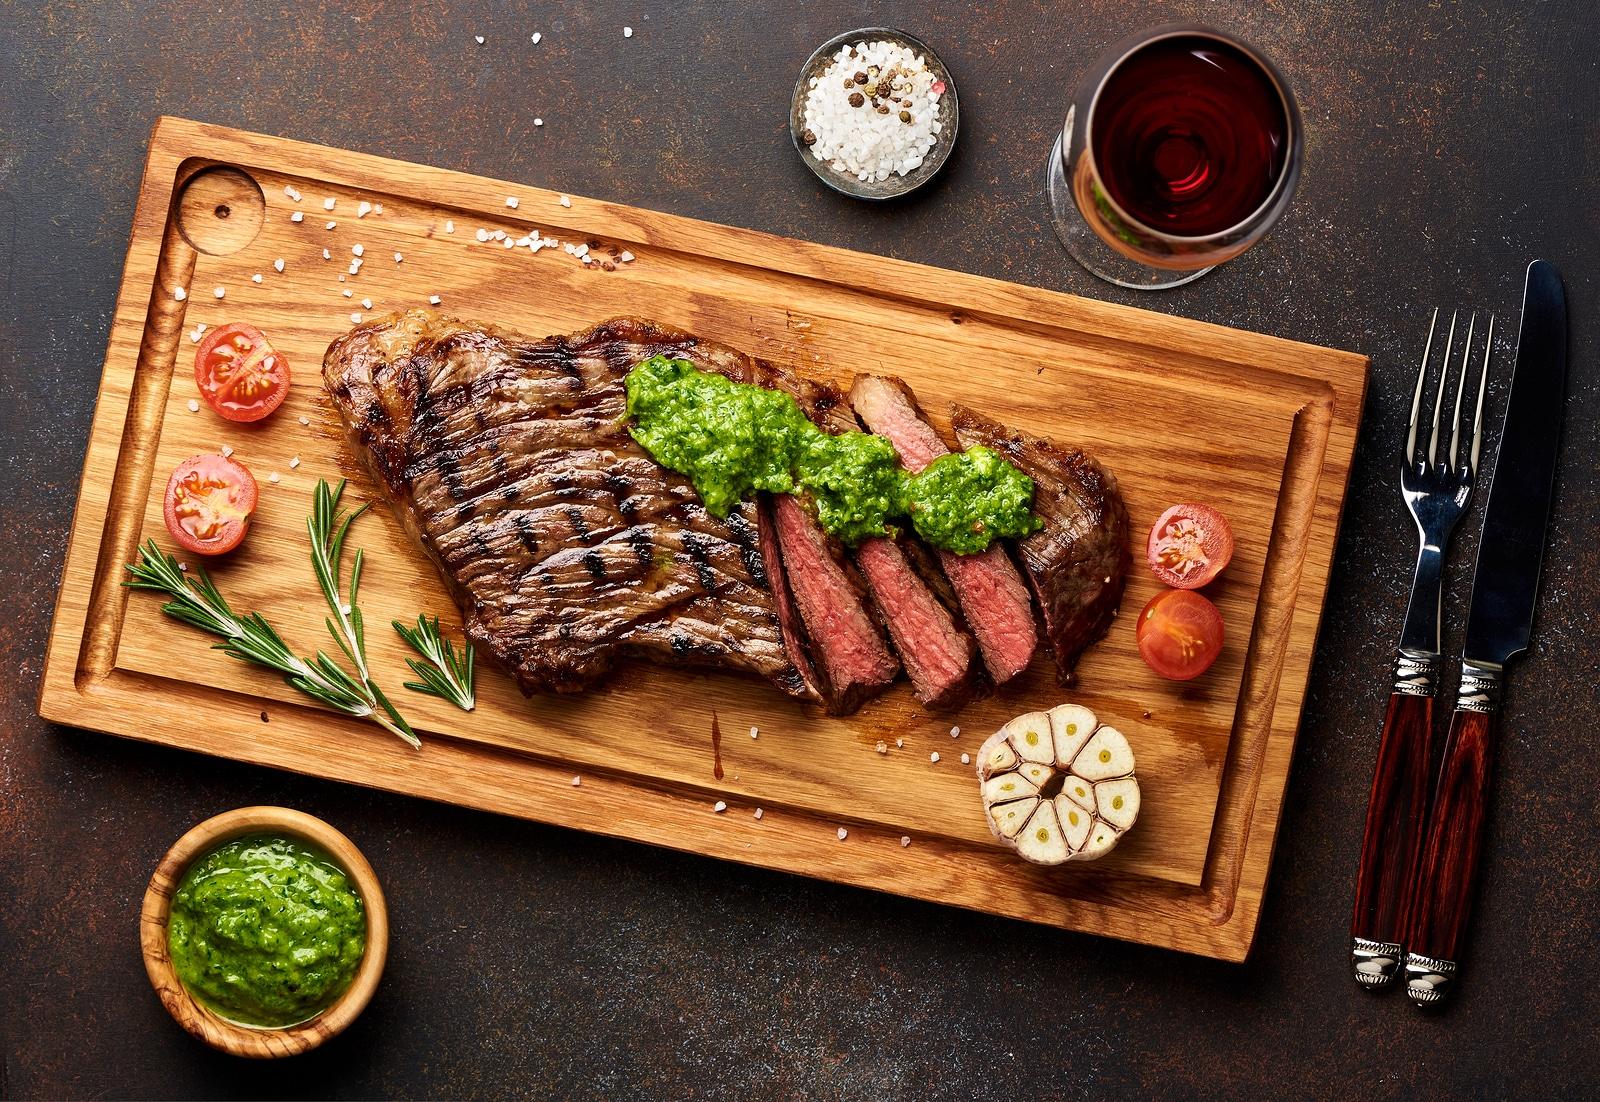 Idei de rețete cu Black Angus pentru o cină sănătoasă